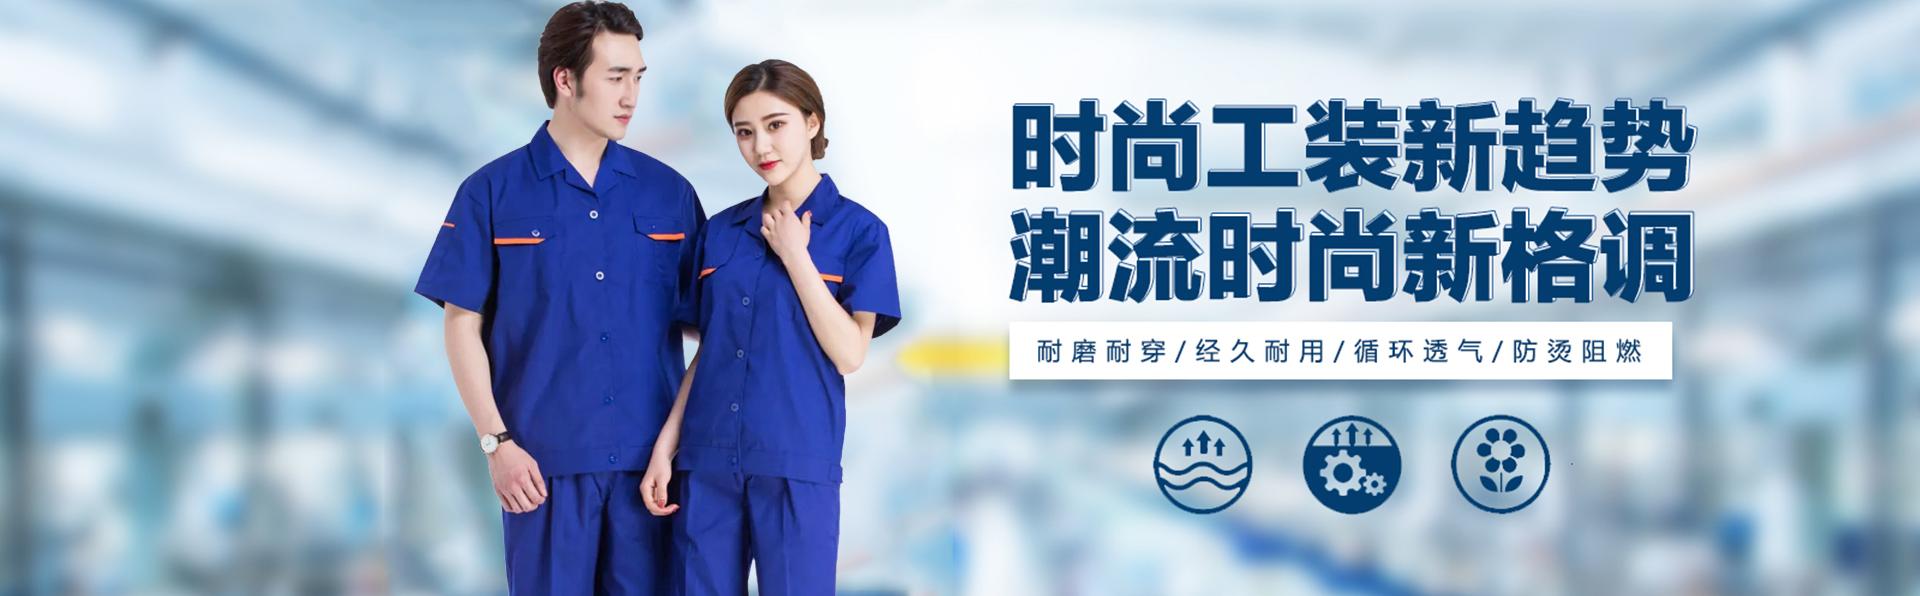 南京工作服厂家